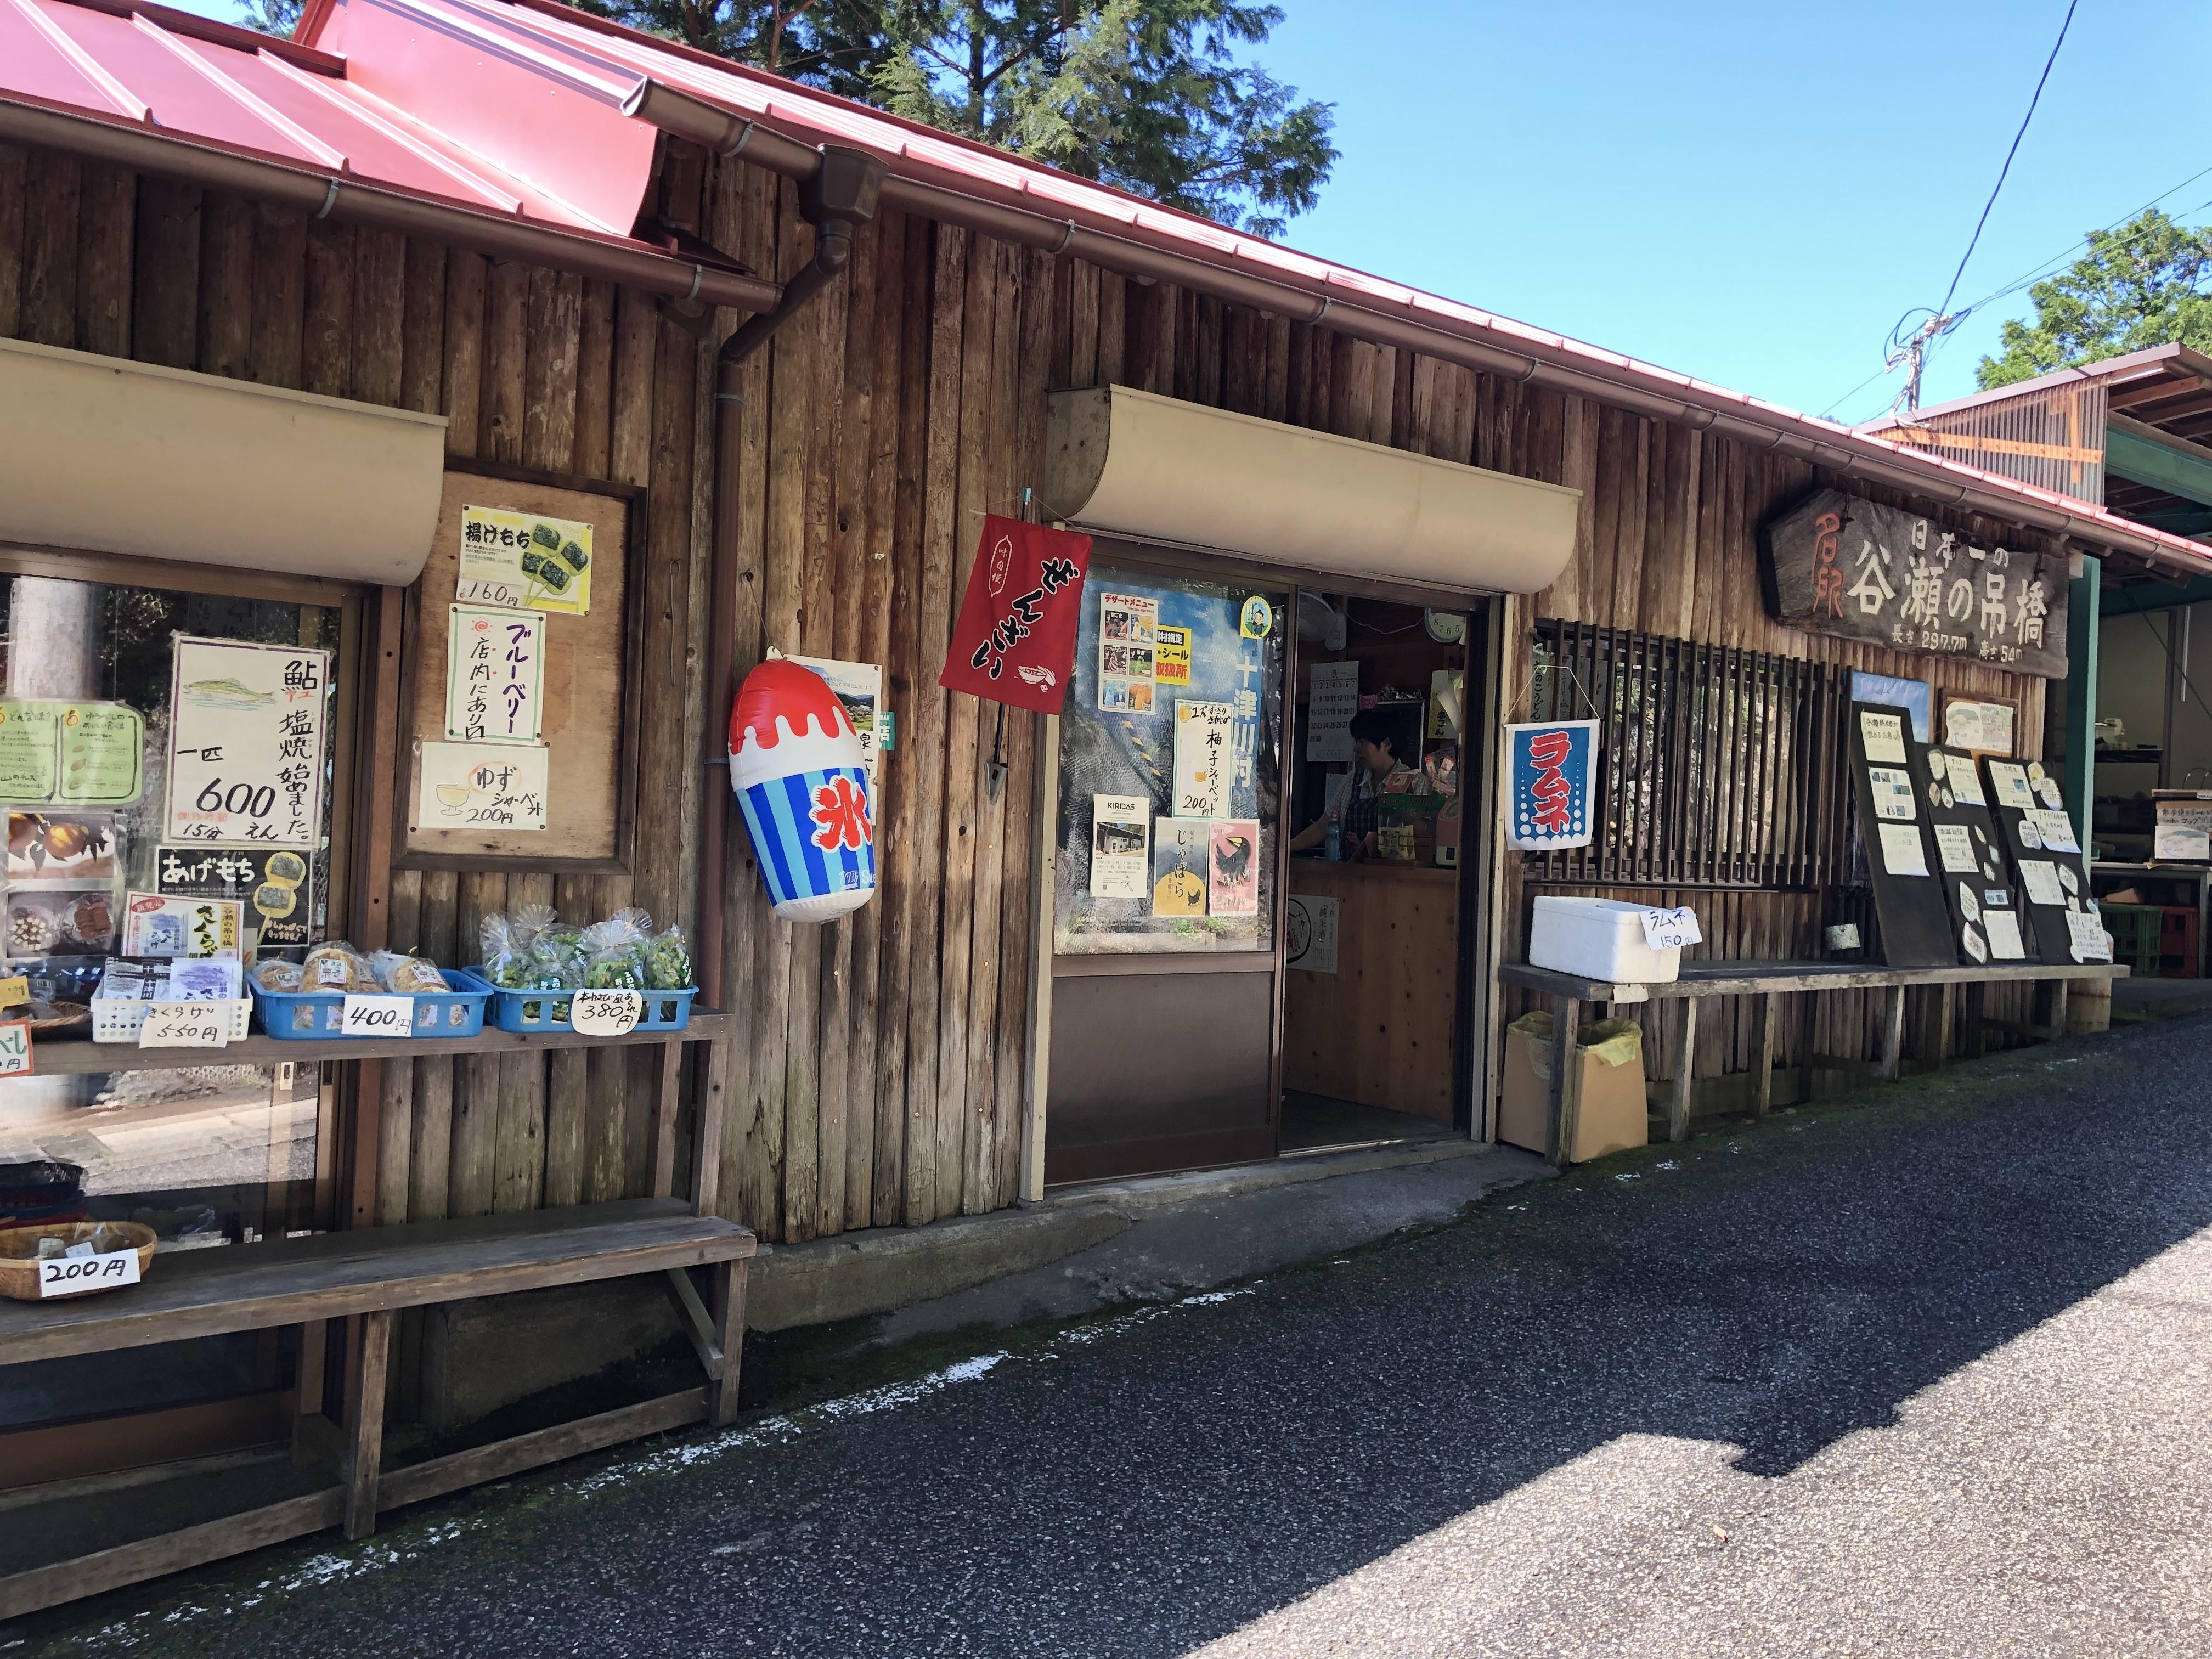 ぴーきち&ダイナ ハーレー で行く 十津川村 ツーリング 谷瀬の吊り橋 売店